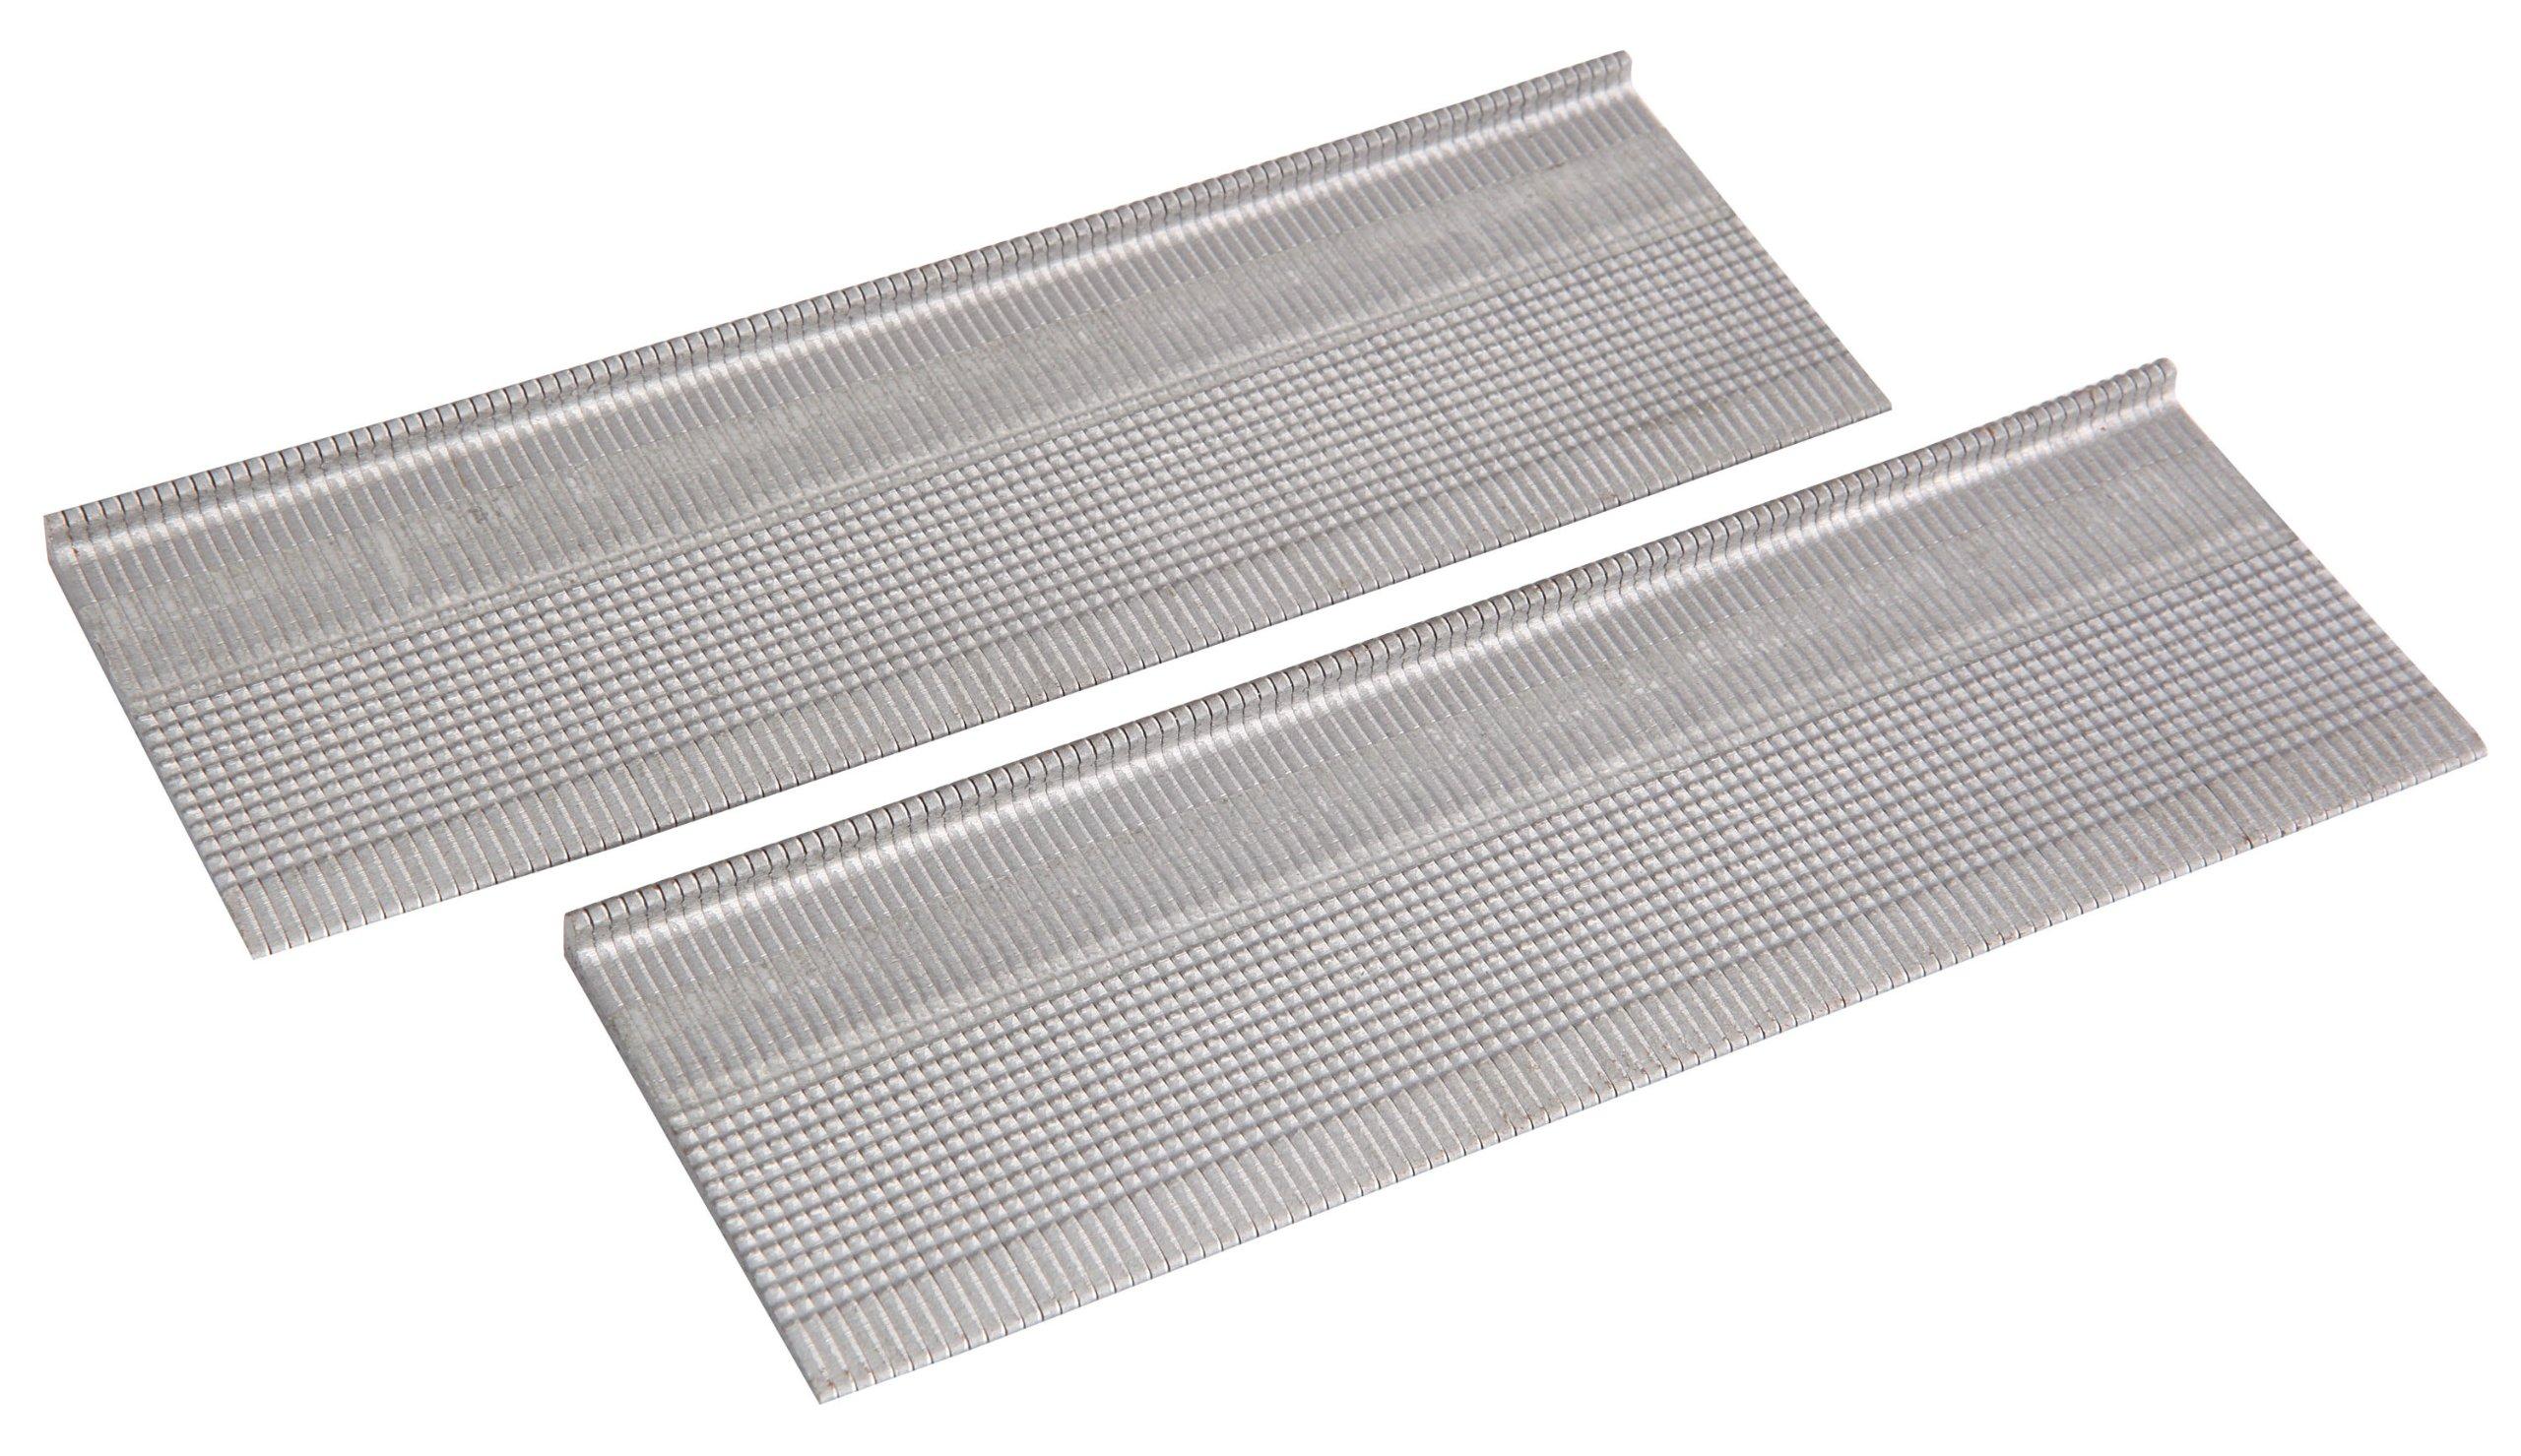 Freeman FNL-2 L-Cleat 2-Inch Flooring Nail, 1000 Per Box by Freeman